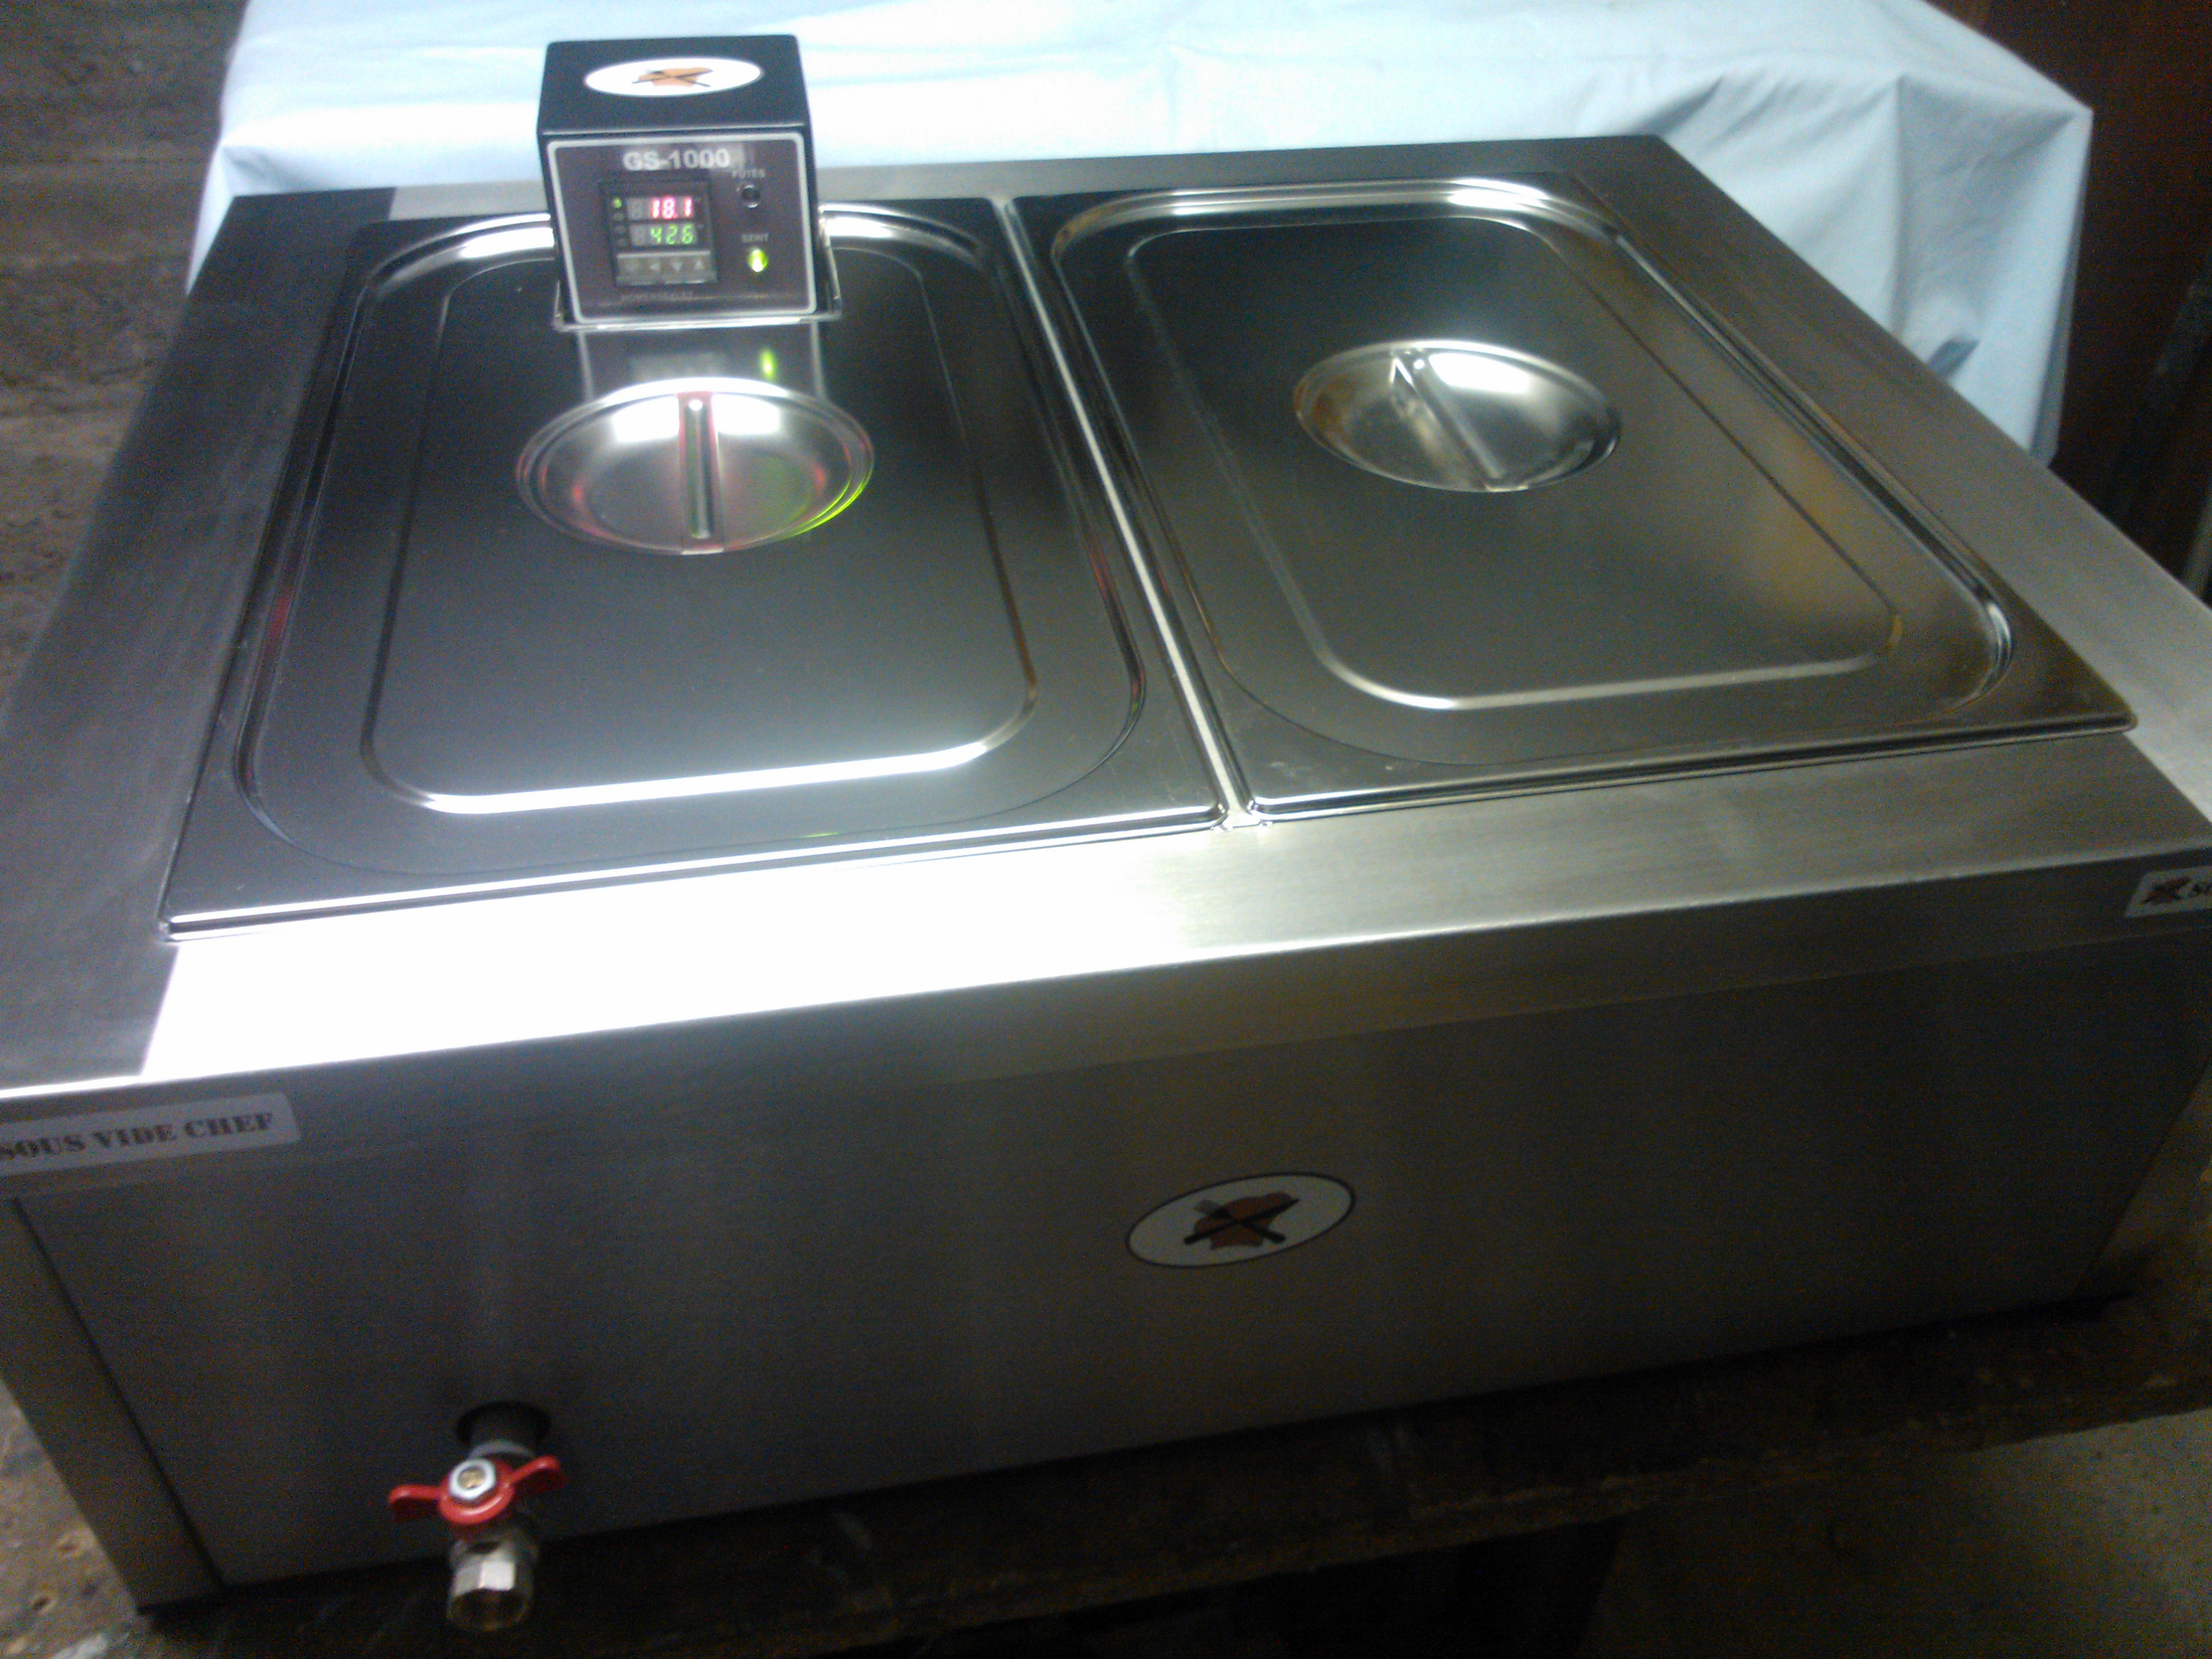 Sous-Vide Chef GS-1000+ kád.jpg